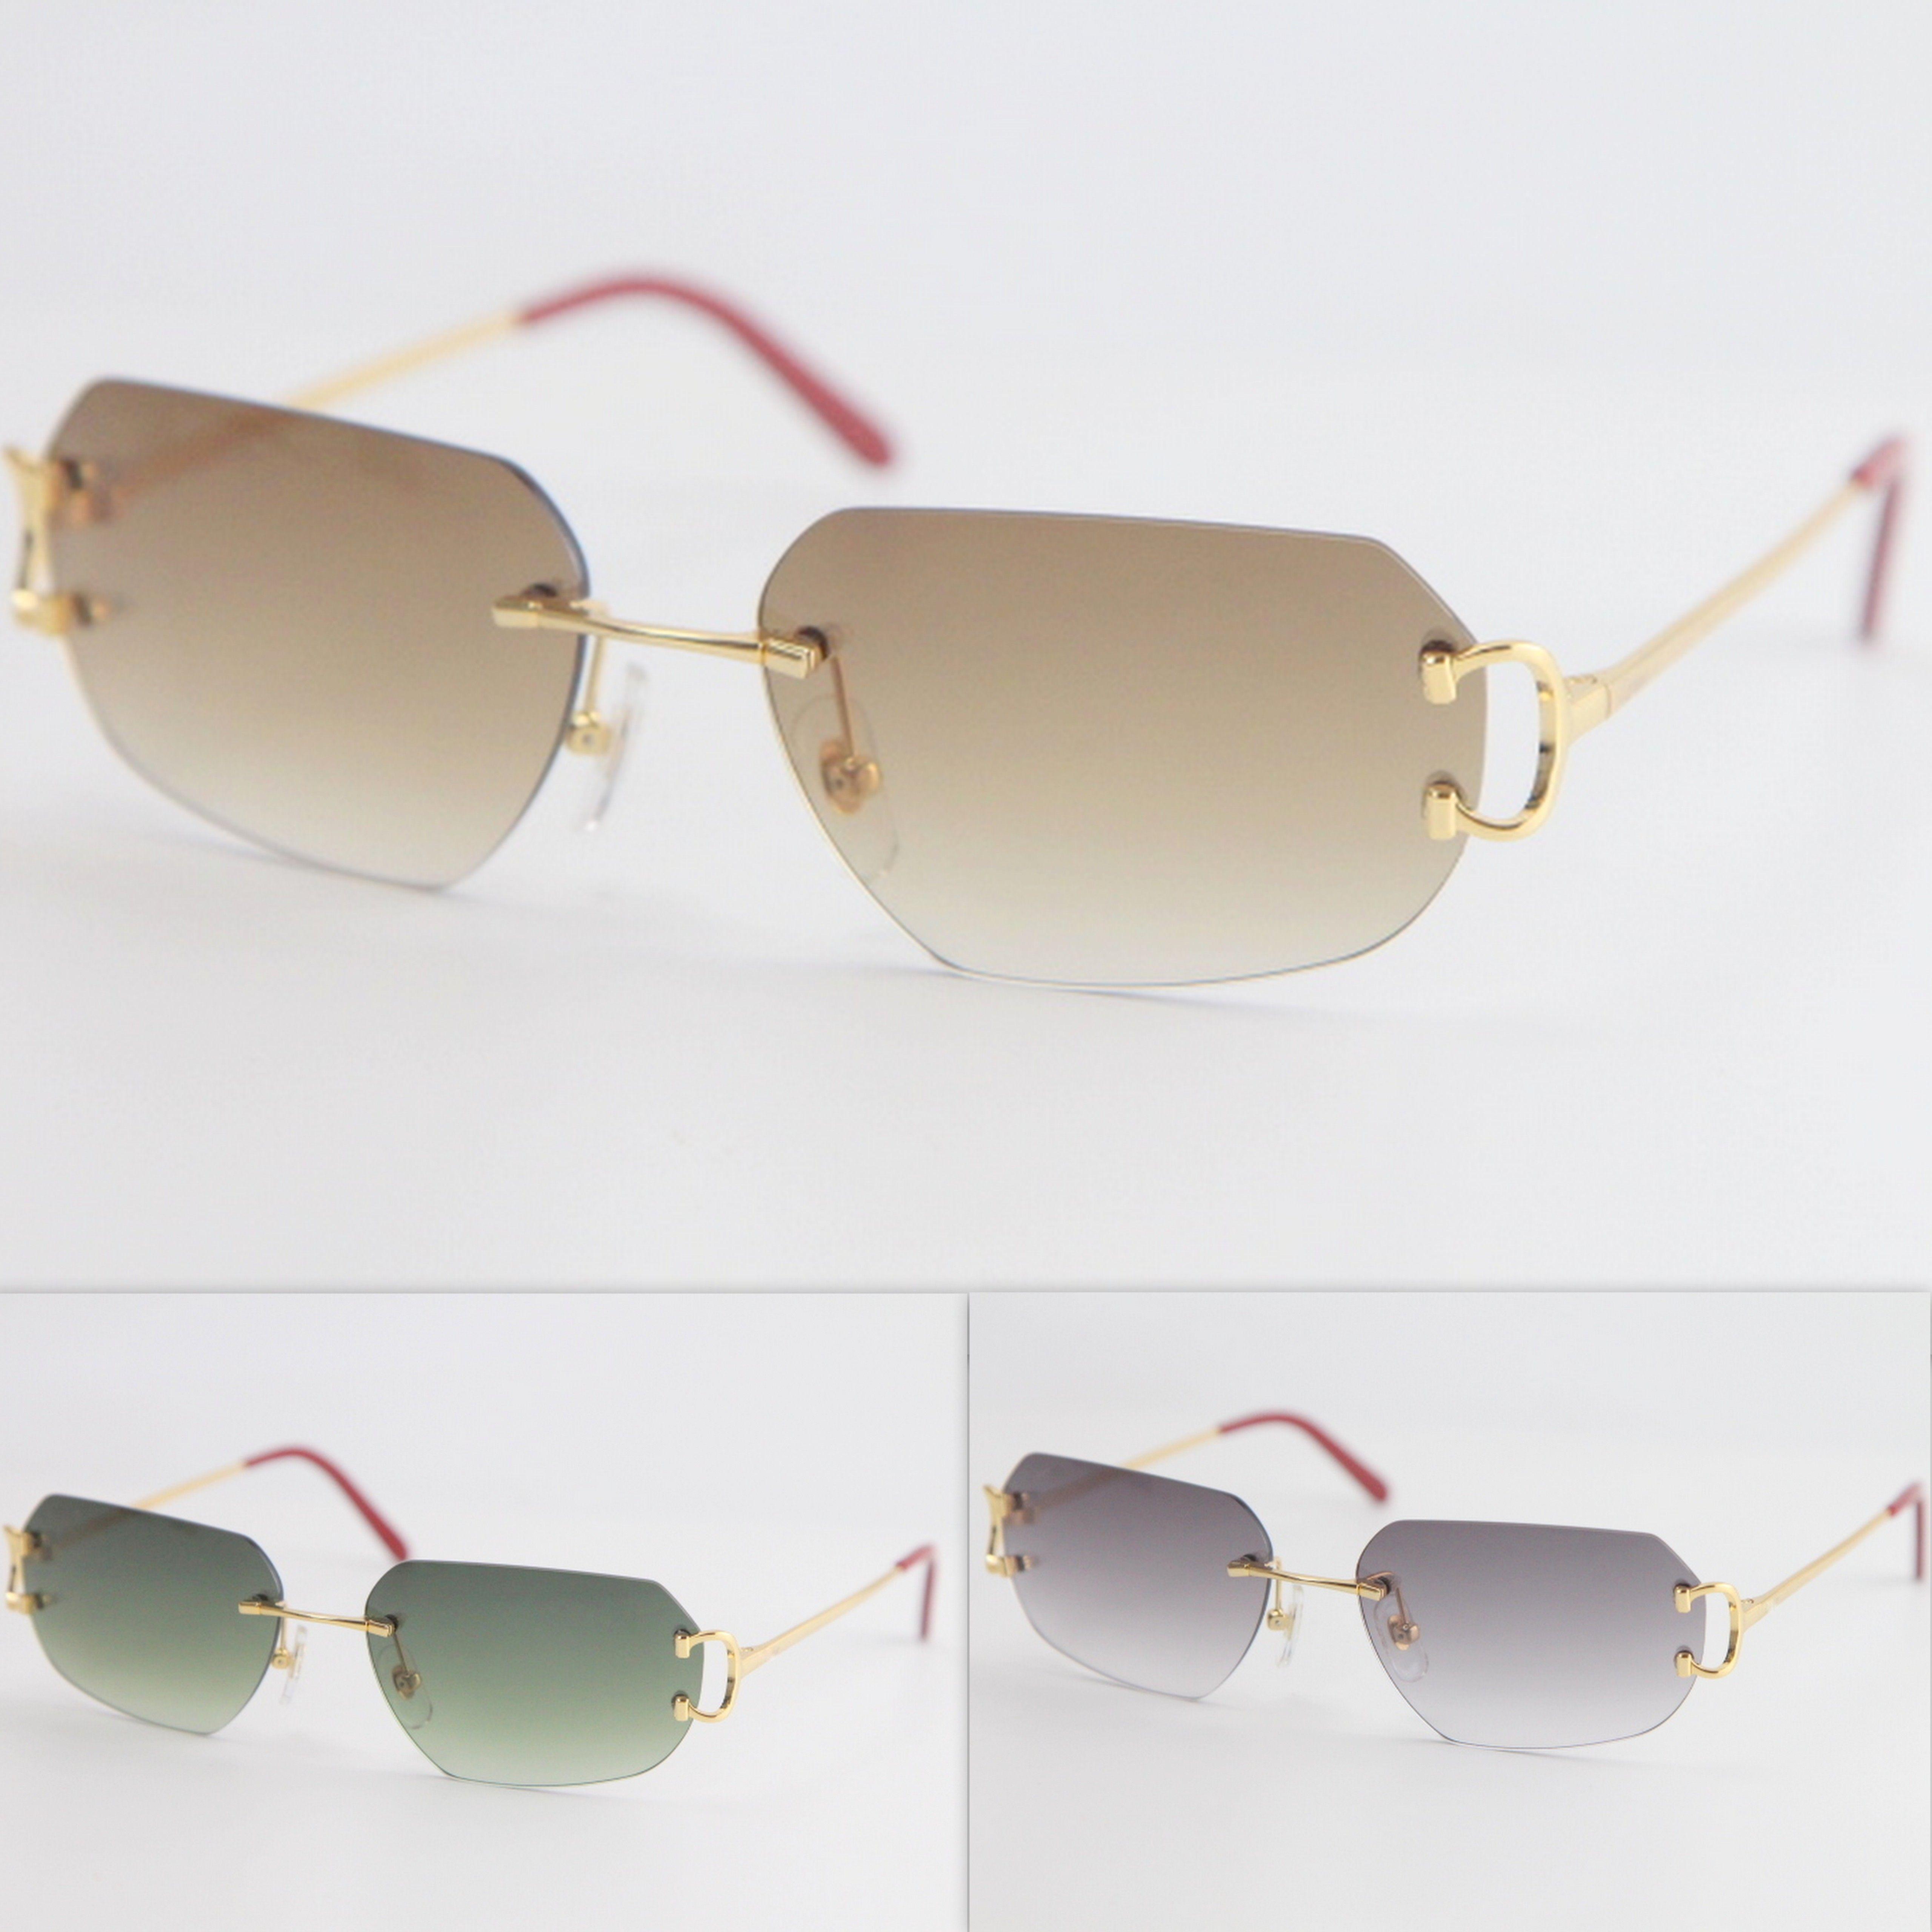 2020 Metall Beliebte neuen Stil Randlos Sonnenbrille Männer Frauen mit C Dekoration Draht-Rahmen-UnisexEyewear für Sommer Outdoor-Reisen